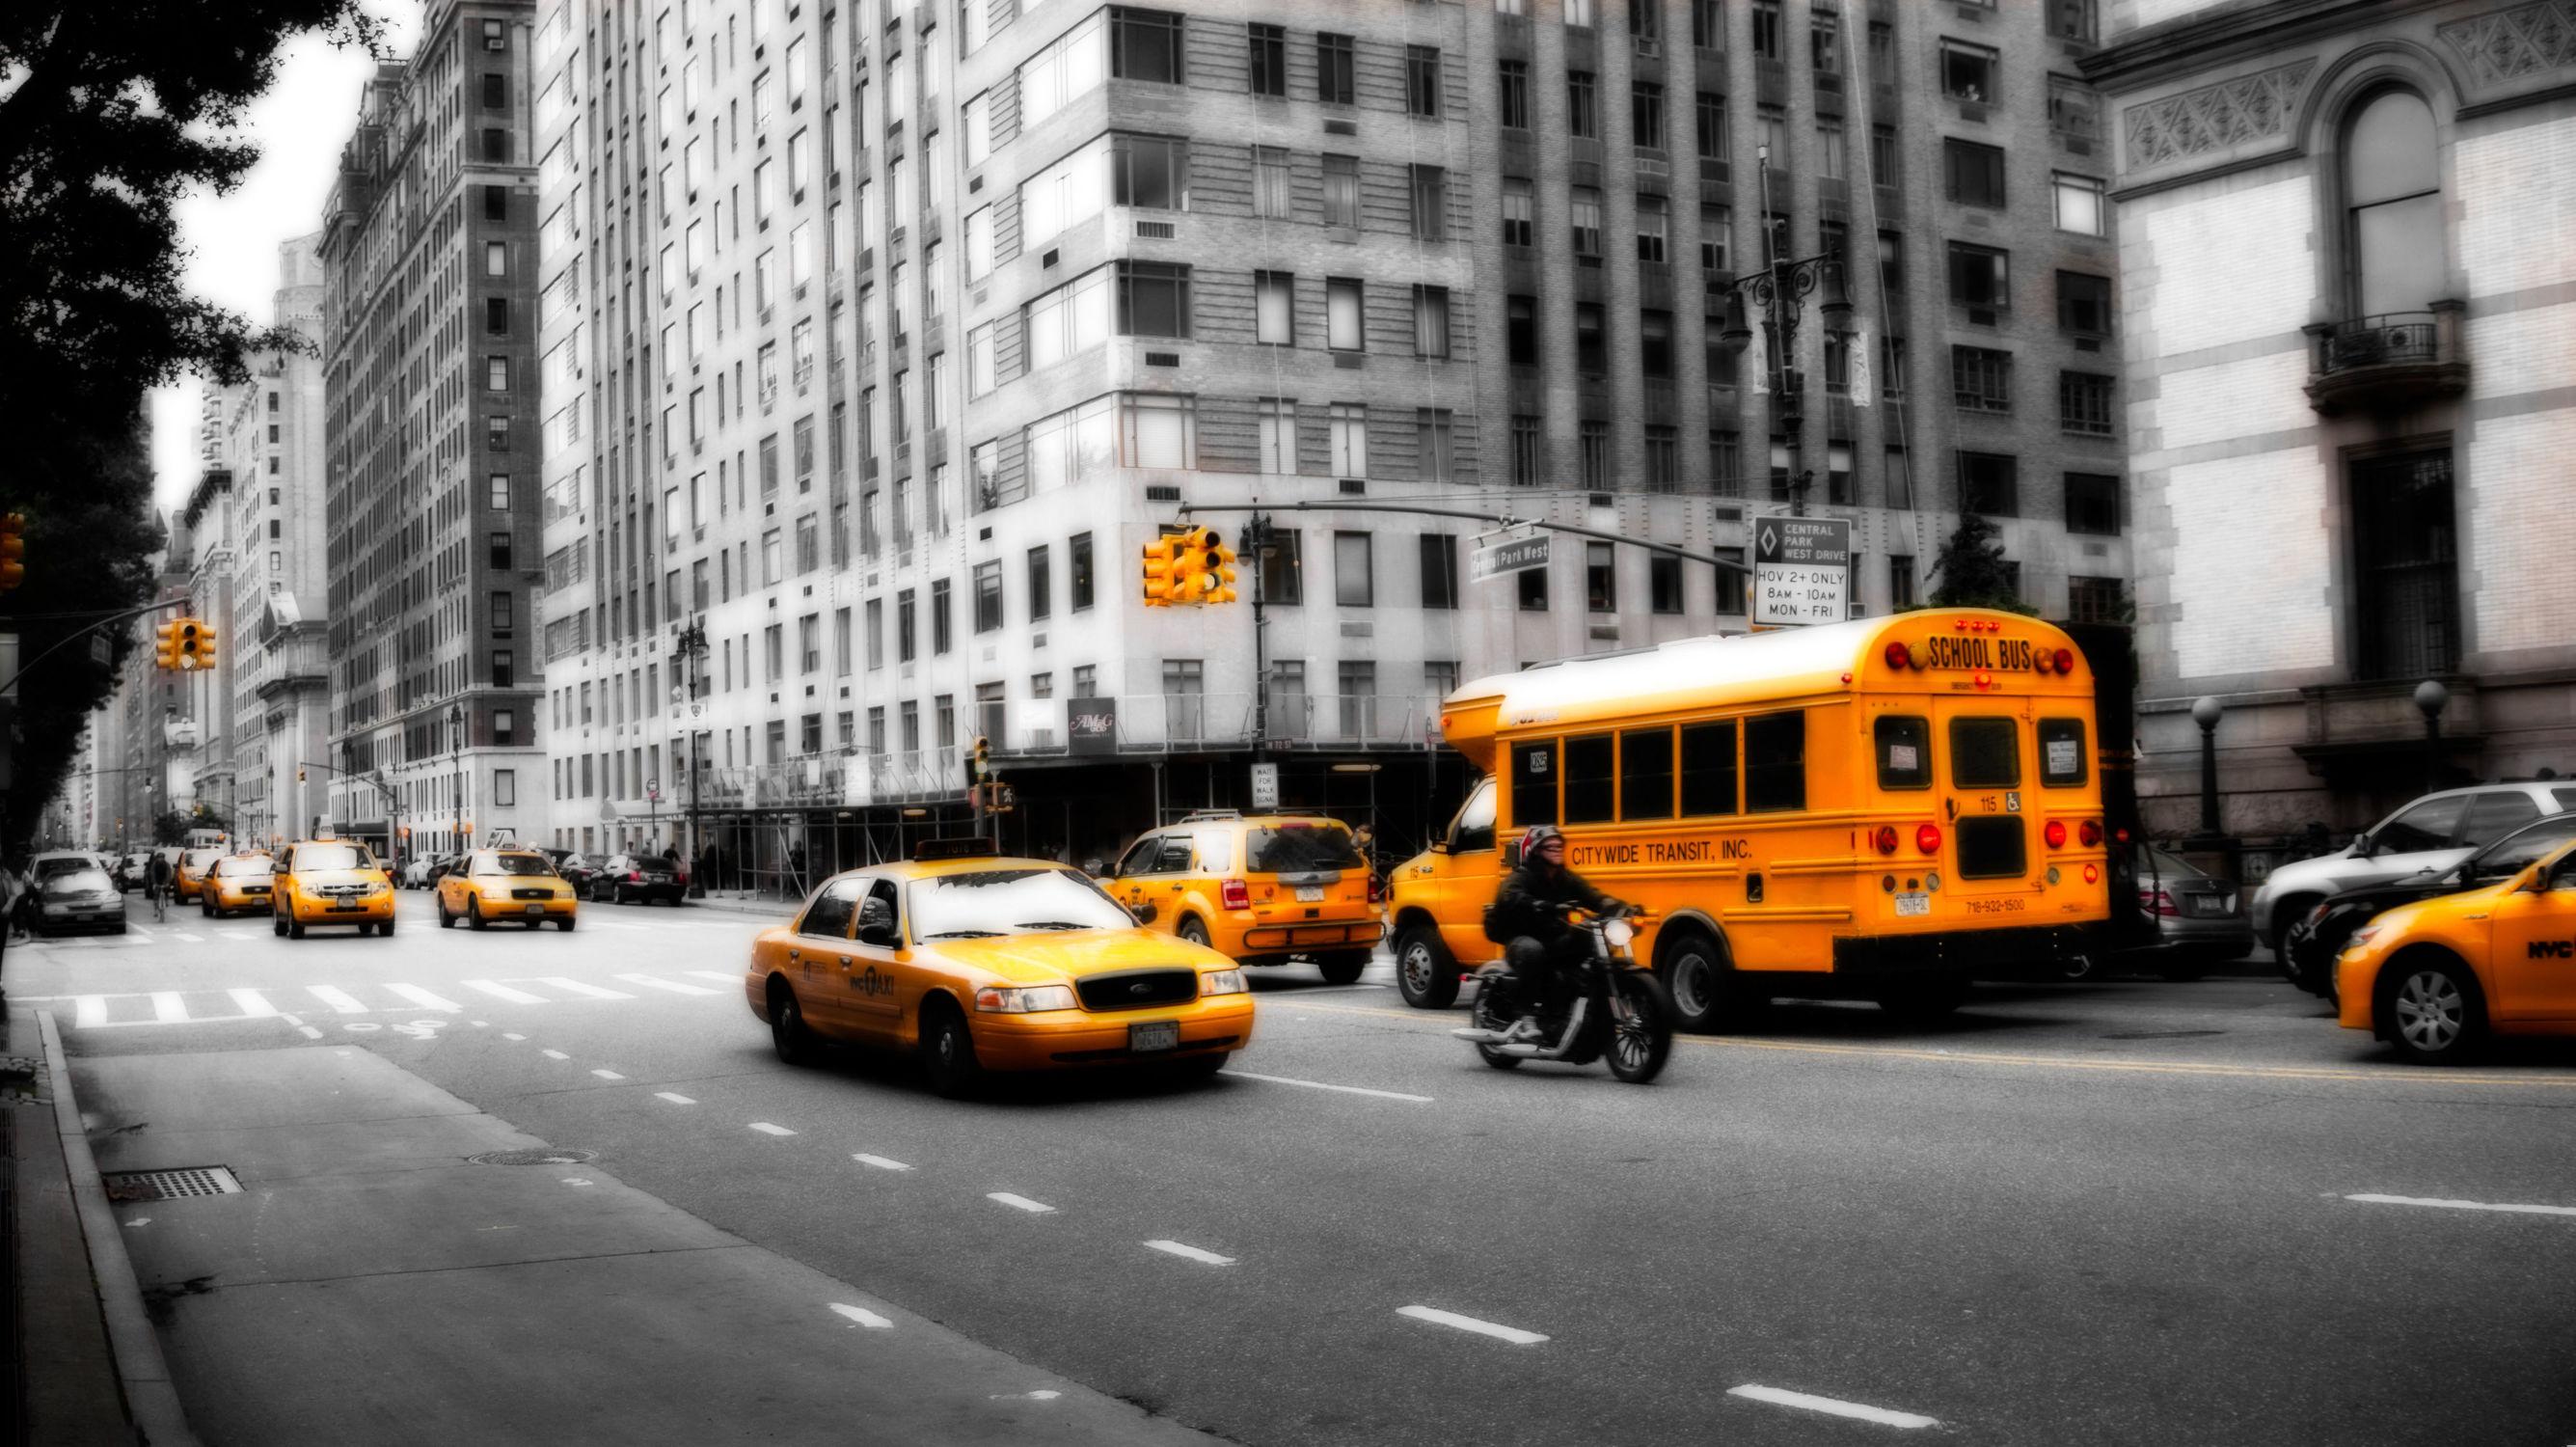 Bild mit Autos, Architektur, Straßen, Panorama, Stadt, clouds, Nature, urban, urban, New York, New York, New York, monochrom, City, Staedte und Architektur, USA, USA, schwarz weiß, hochhaus, wolkenkratzer, metropole, metropole, Straße, island, Hochhäuser, rainbow, SW, street, Manhattan, Manhattan, Brooklyn Bridge, Yellow cab, taxi, Taxis, New York City, NYC, NYC, Gelbe Taxis, yellow cabs, high tower, big apple, empire state building, one world trade center, skyscraper, skyscraper, birds view, high towers, rain, rainy, storm, thunder